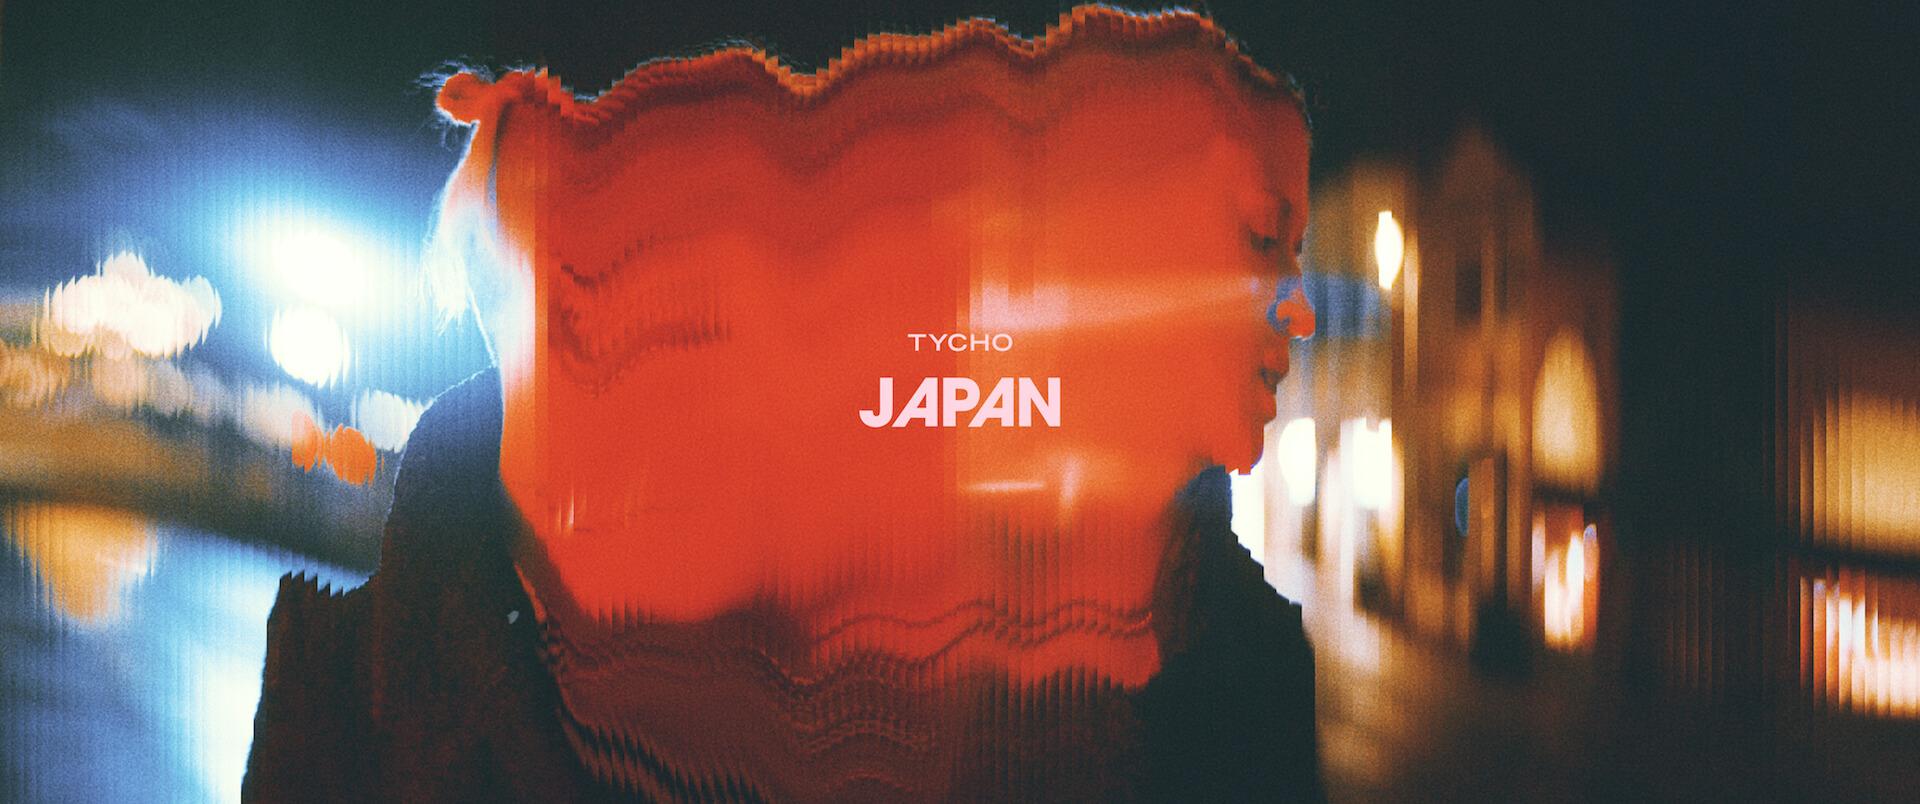 グラミー賞にもノミネートされたティコ、ニューアルバム『Simulcast』リリースを発表|収録曲「Outer Sunset」を公開 music200130_tycho_6